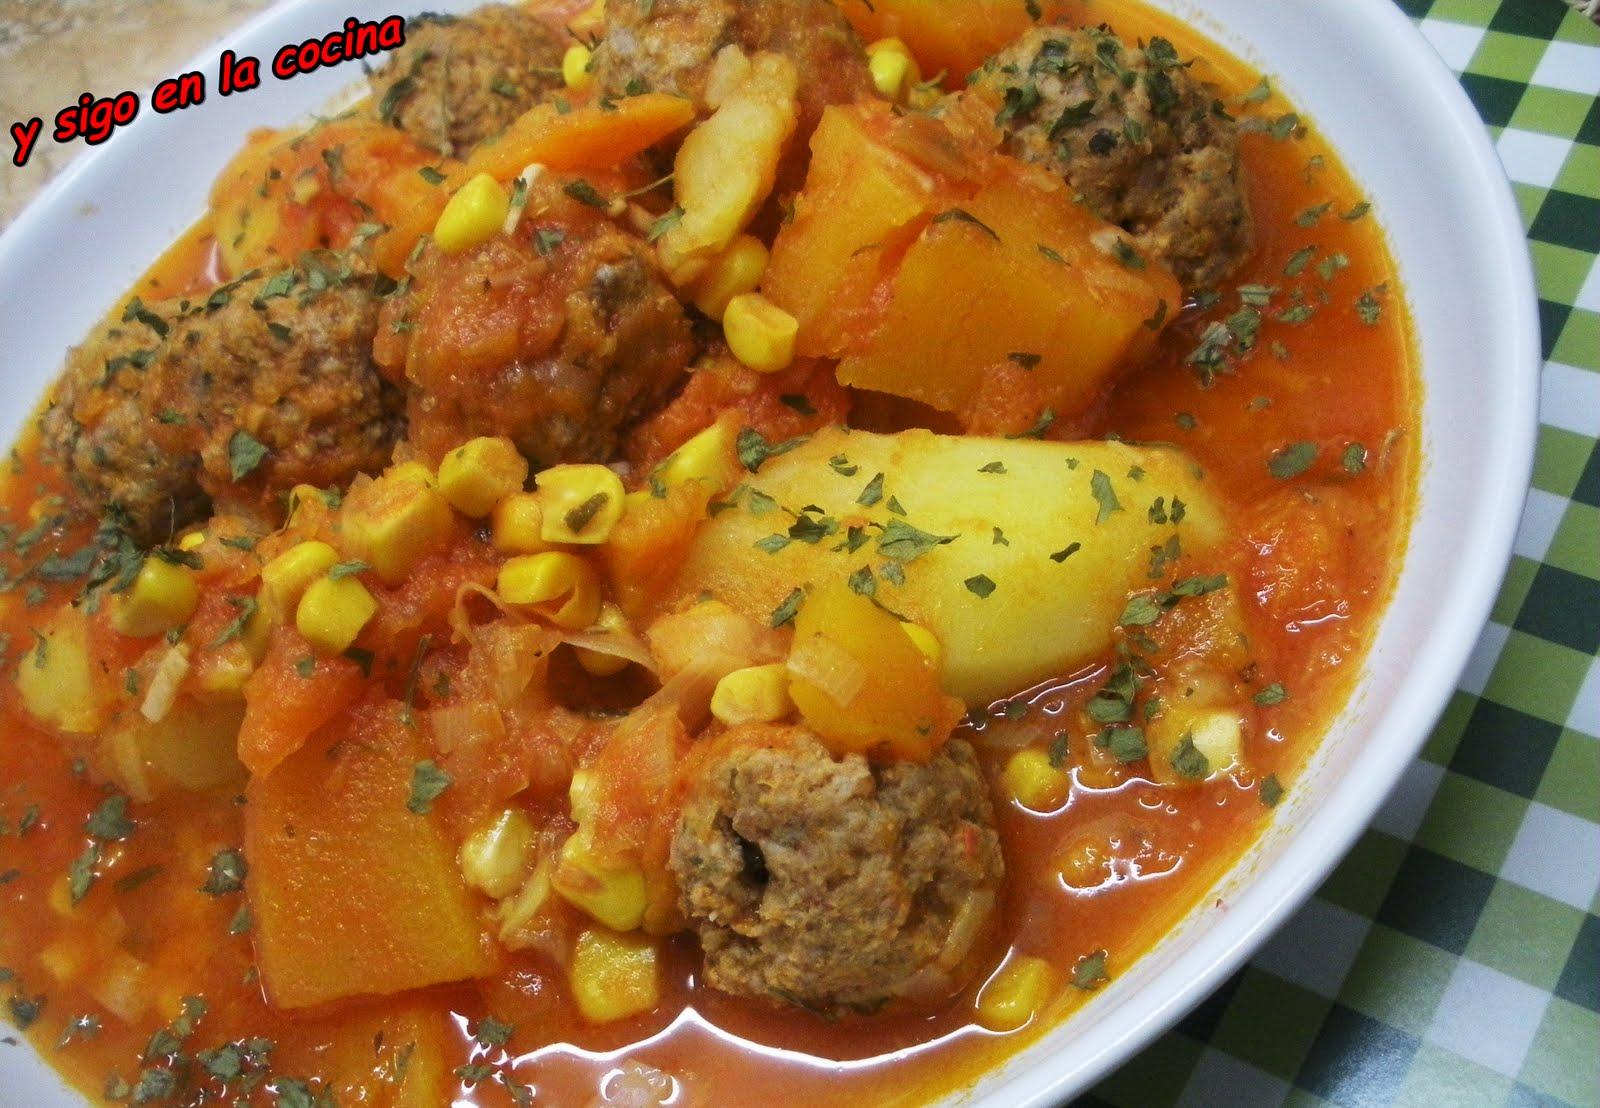 y sigo en la cocina Guiso criollo y Feria de la Calabaza en Sant Feliu de Codines